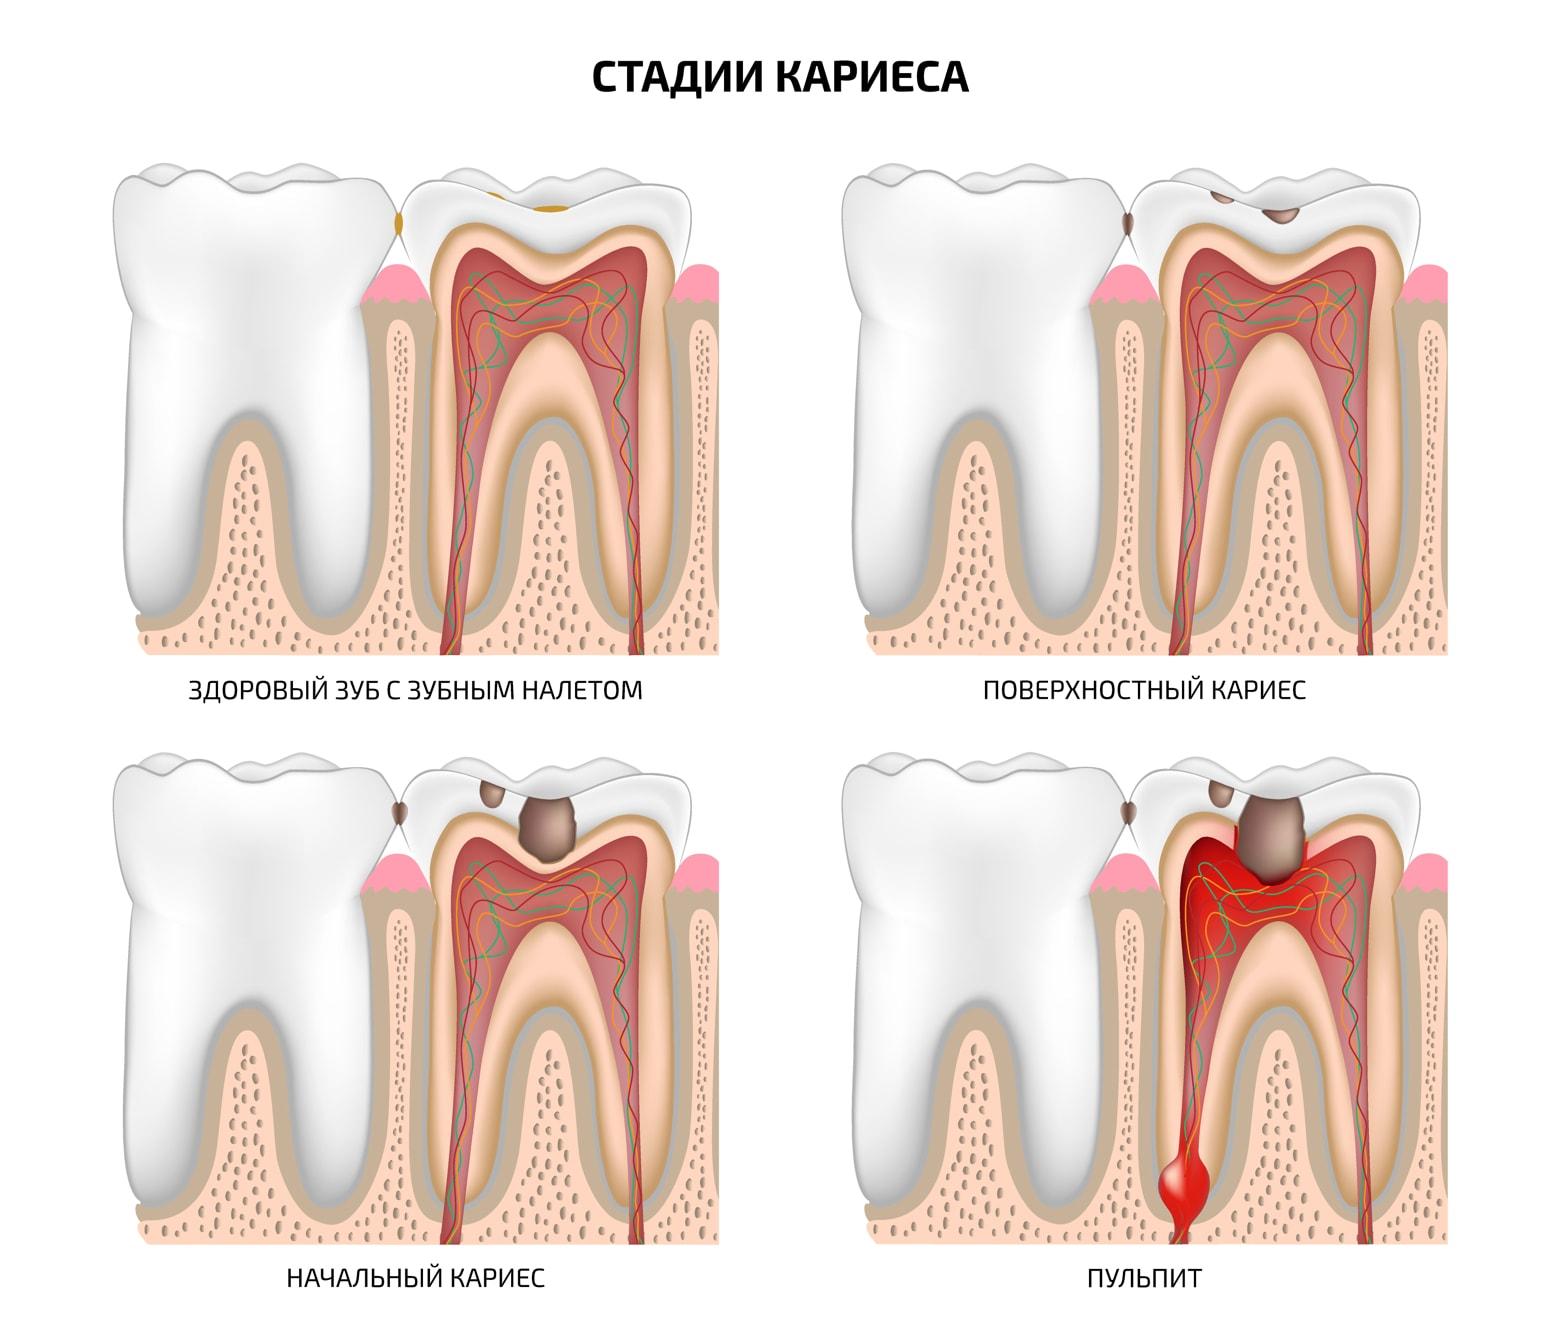 034882f4498d4 Основные причины возникновения и развития болезни зубов: